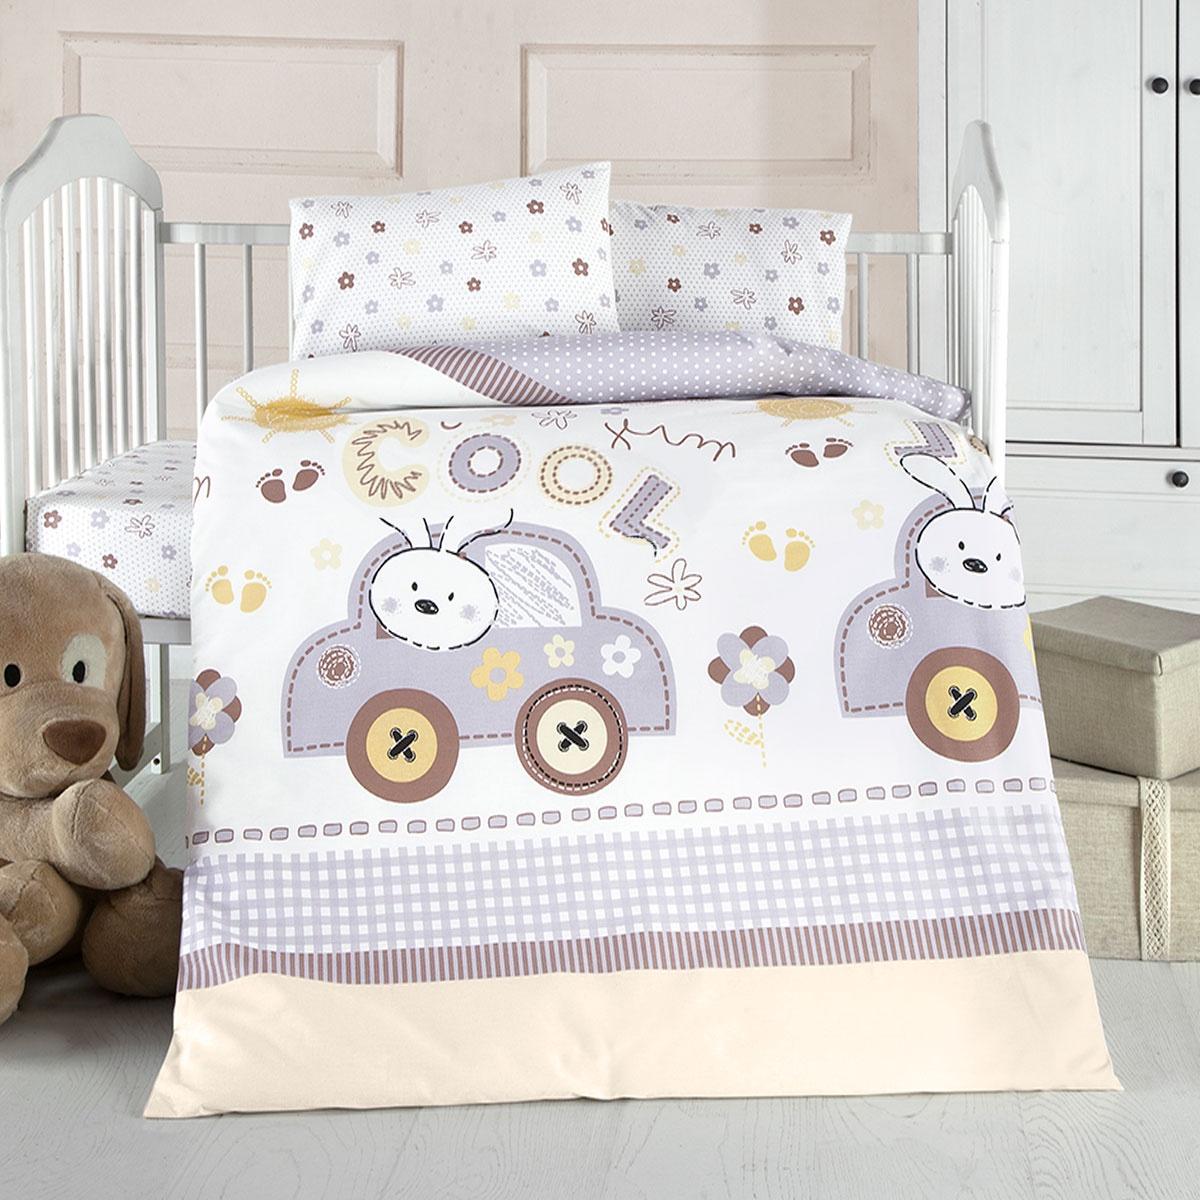 цена на Постельное Белье Arya Ранфорс Детское 100X150 Coll Baby коричневый